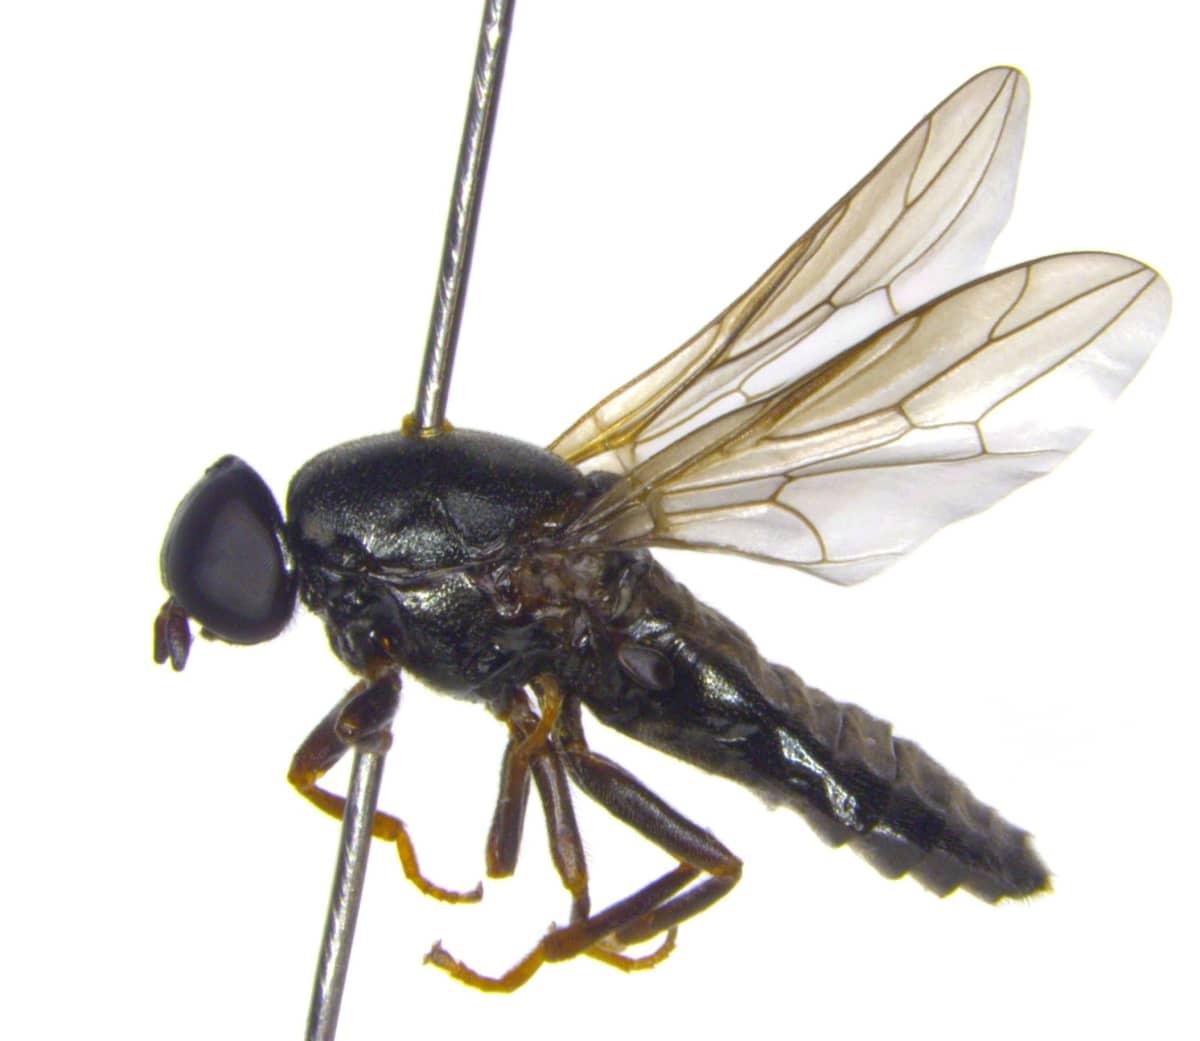 Tieteelle uusi metsäikkunakärpänen (Scenopinus jerei).